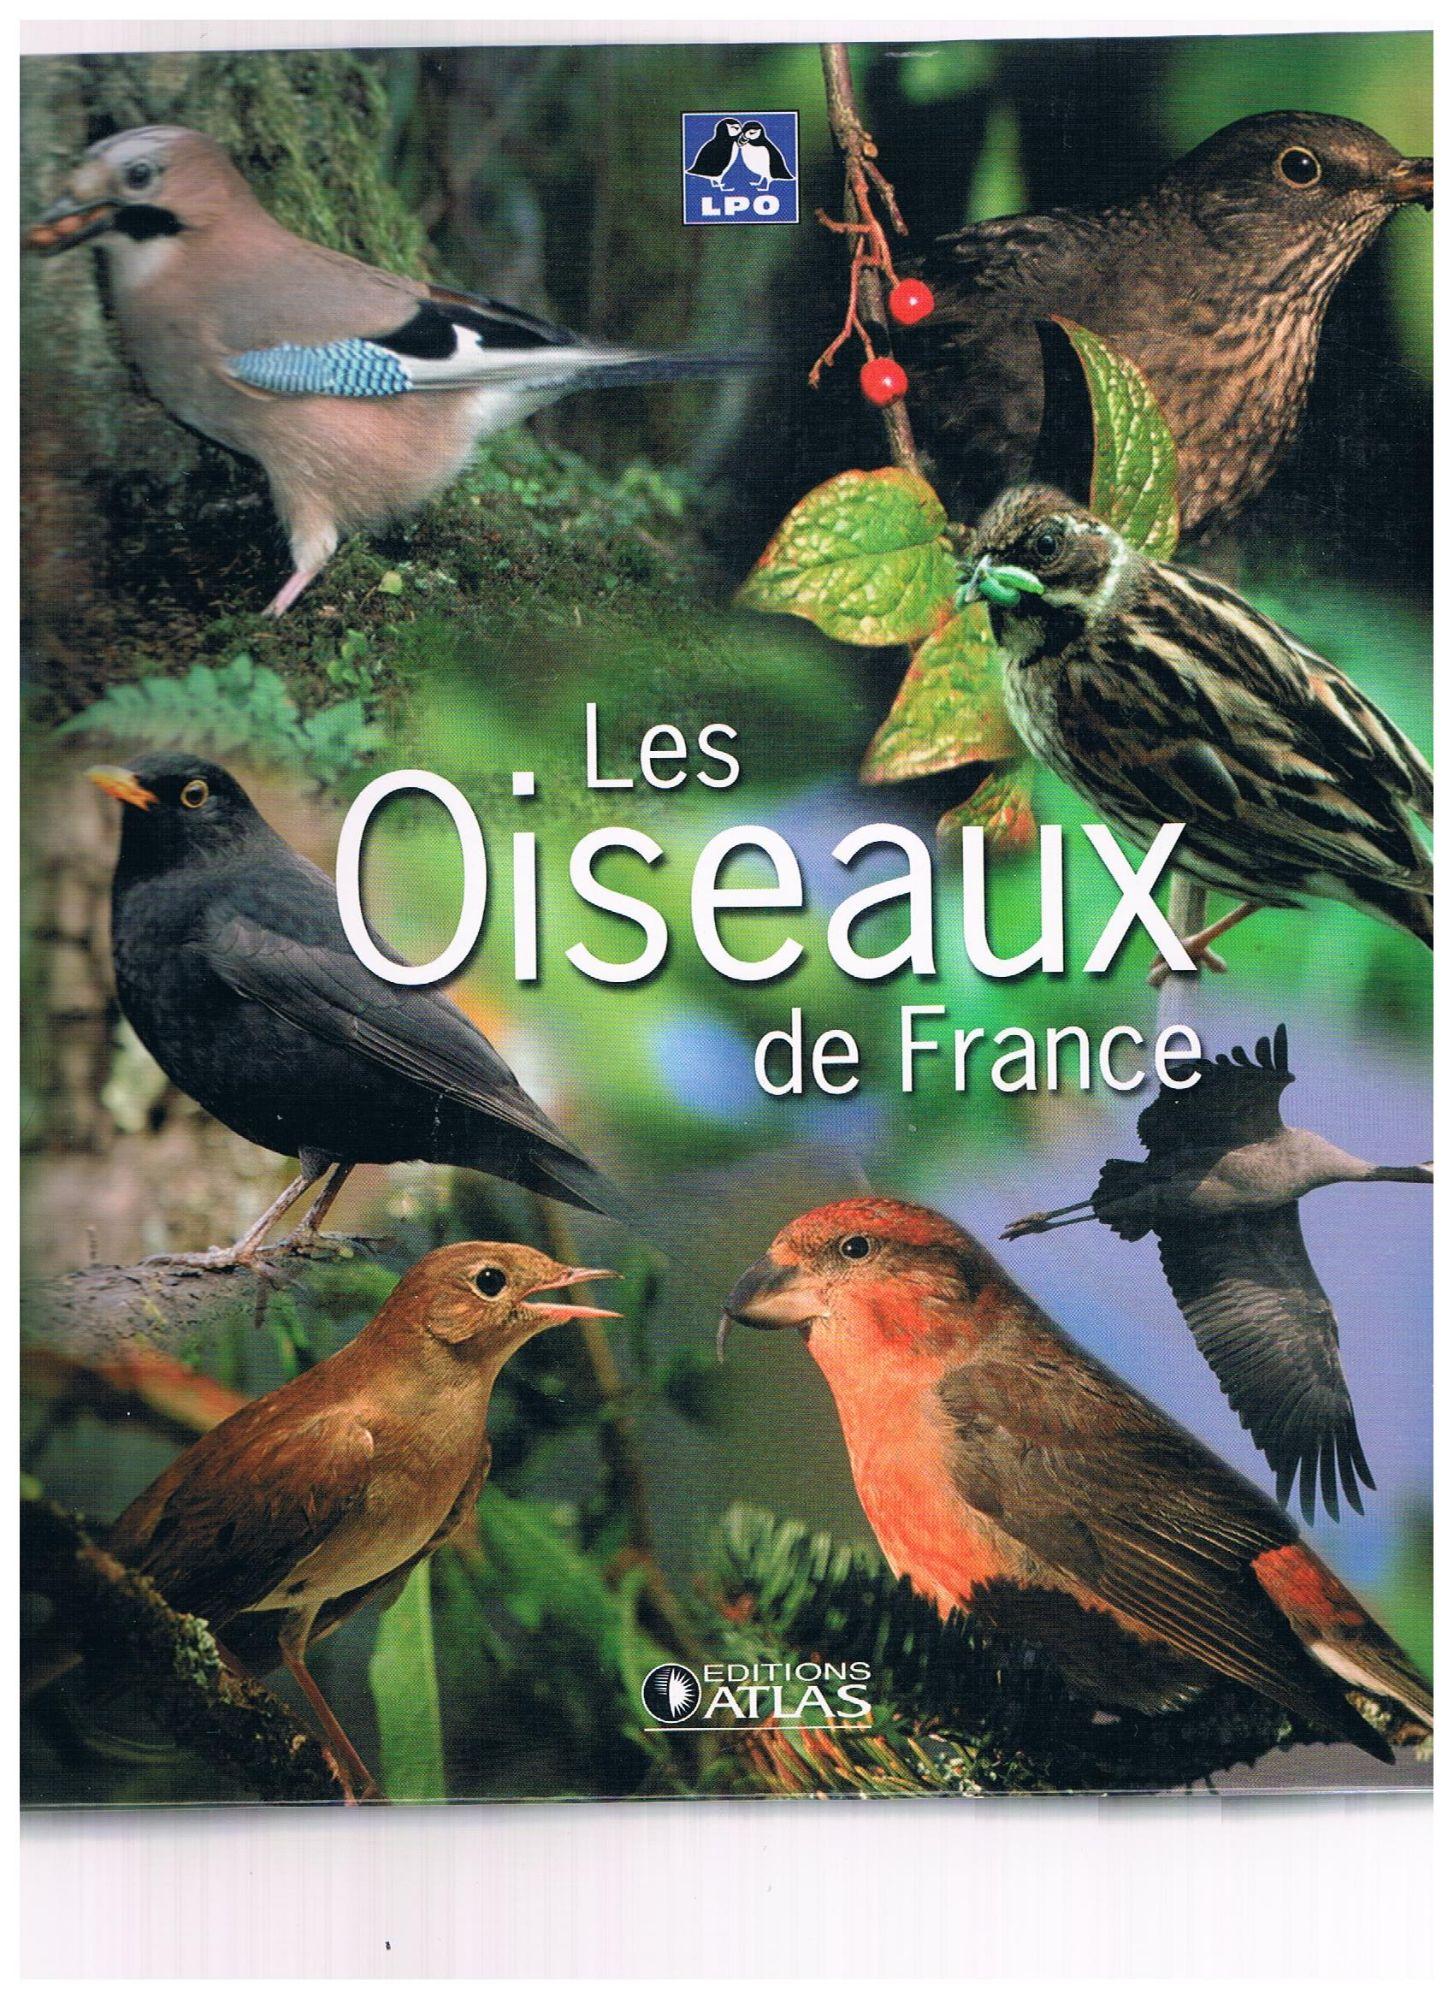 Couverture de la collection des oiseaux de France des éditions Atlas